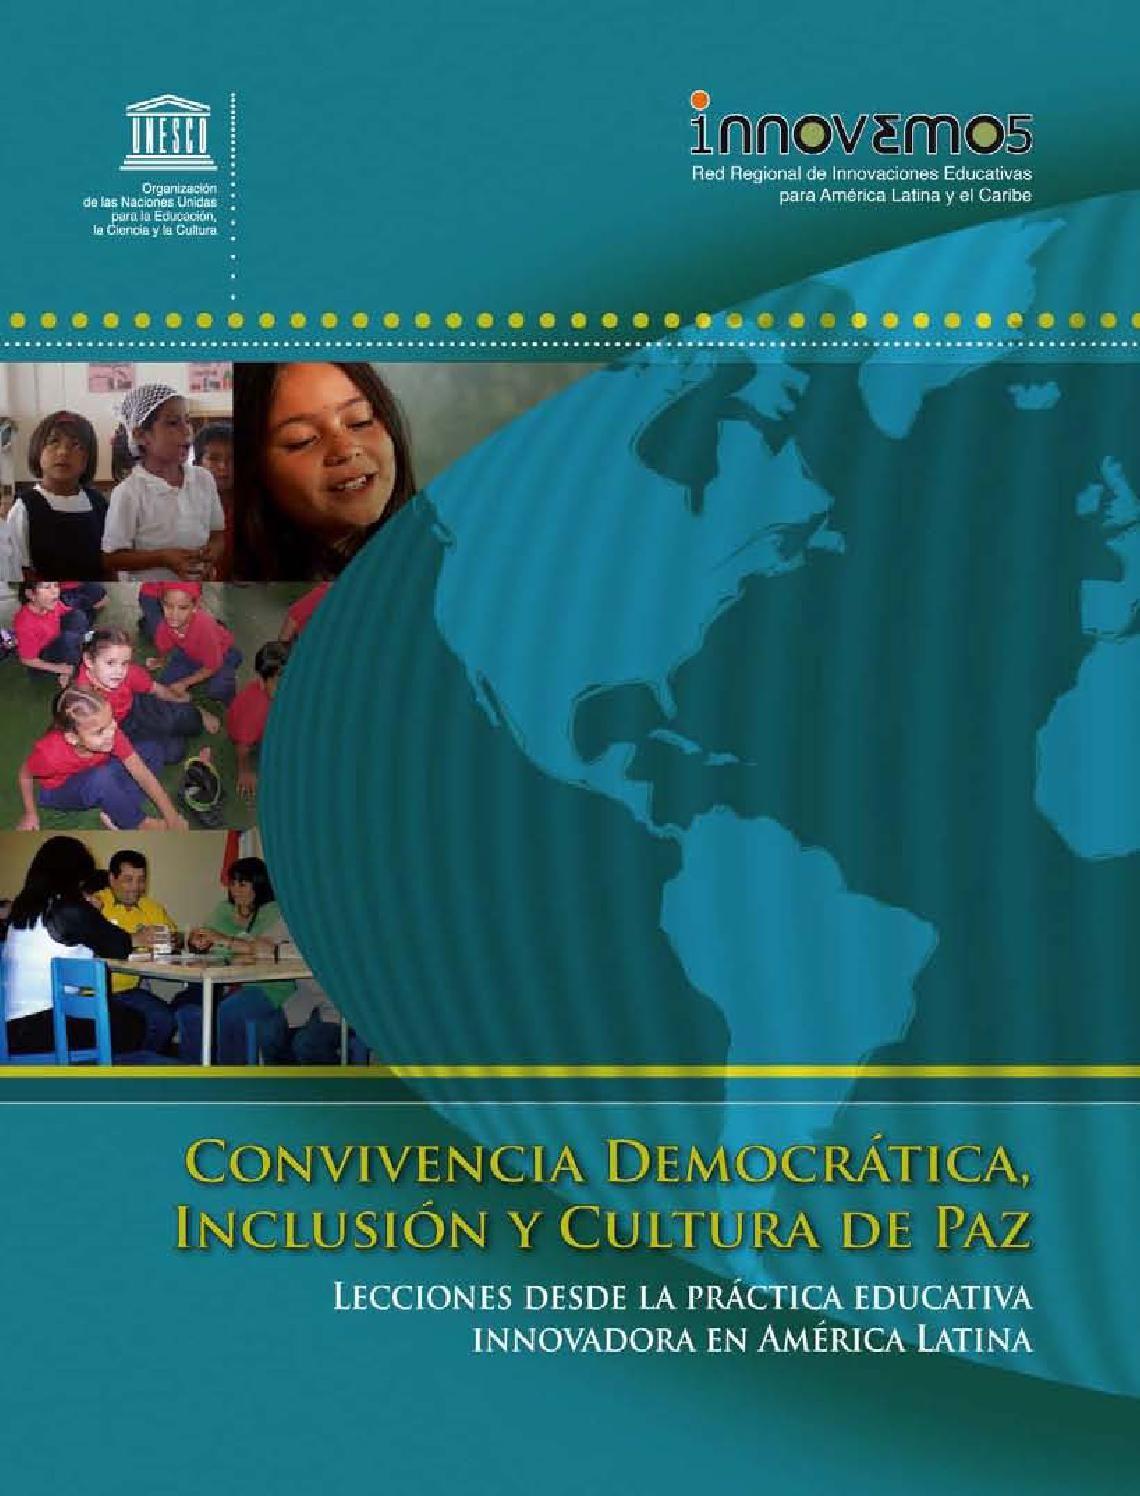 Convivencia democrática, inclusión y cultura de paz lecciones desde la práctica educativa innovadora